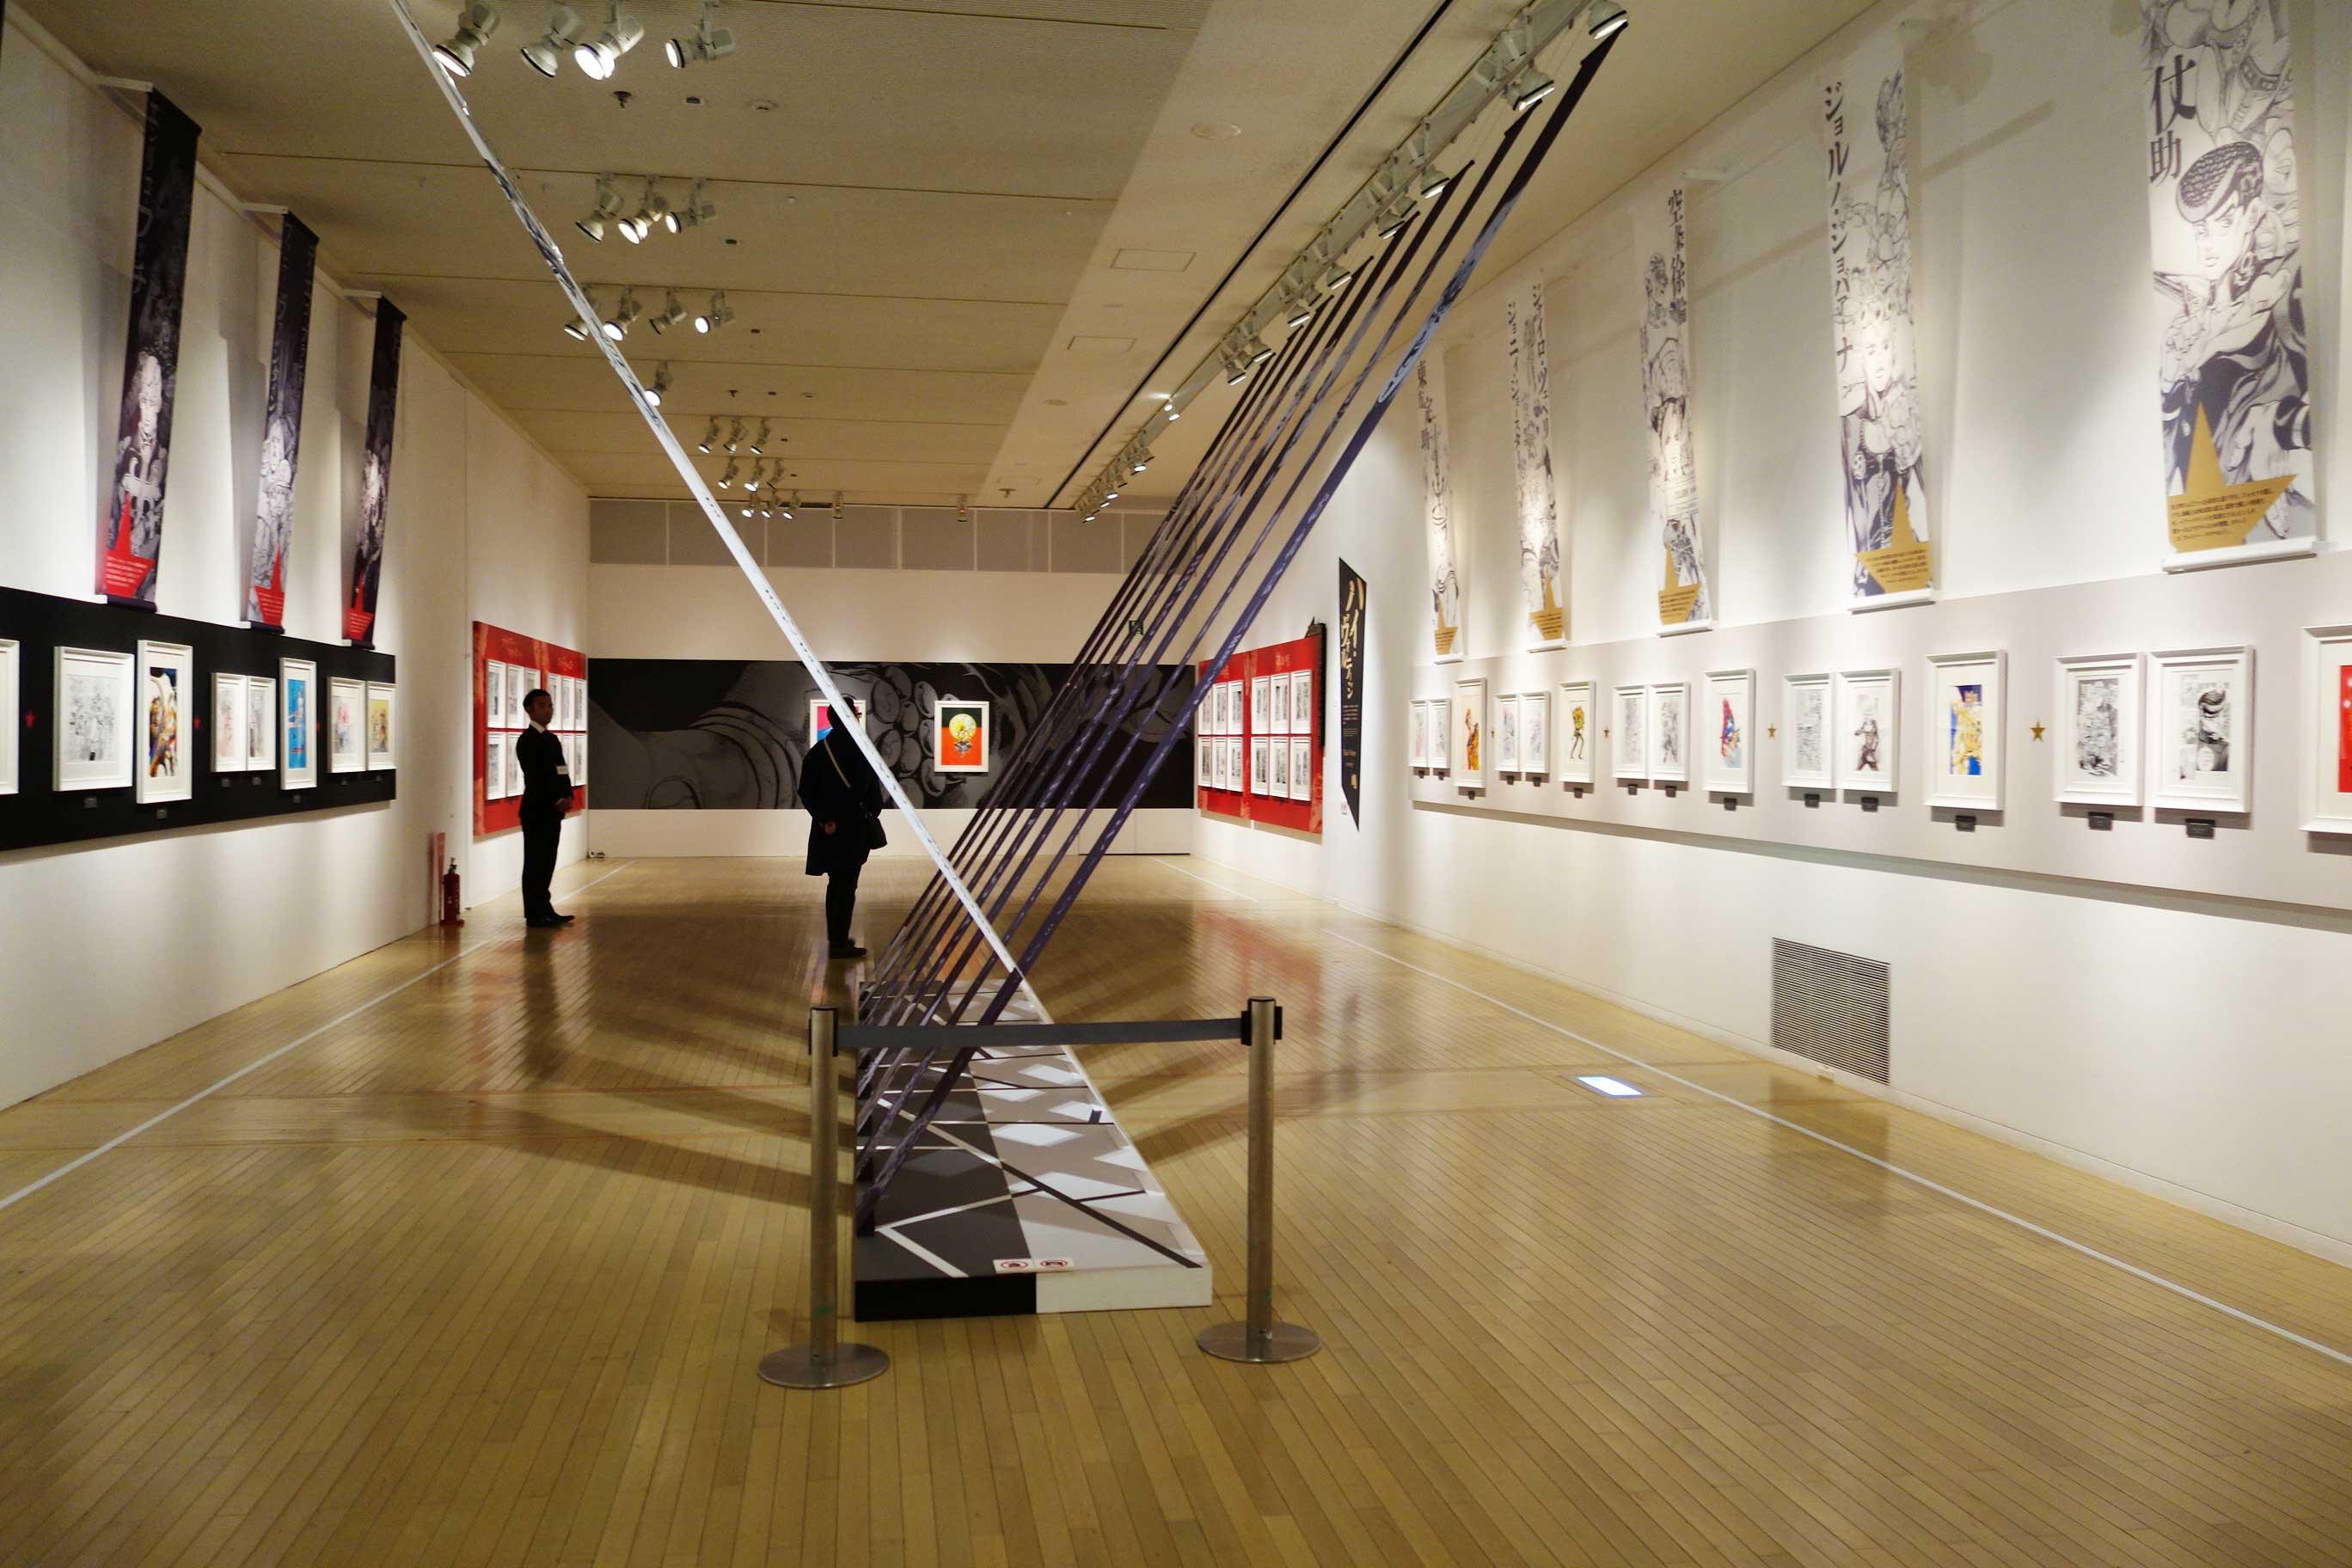 『宿命の星 因縁の血』では、主人公とライバルを展示。天井からは名言のバナーが垂れ下がる。Ⓒ荒木飛呂彦&LUCKY LAND COMMUNICATIONS/集英社